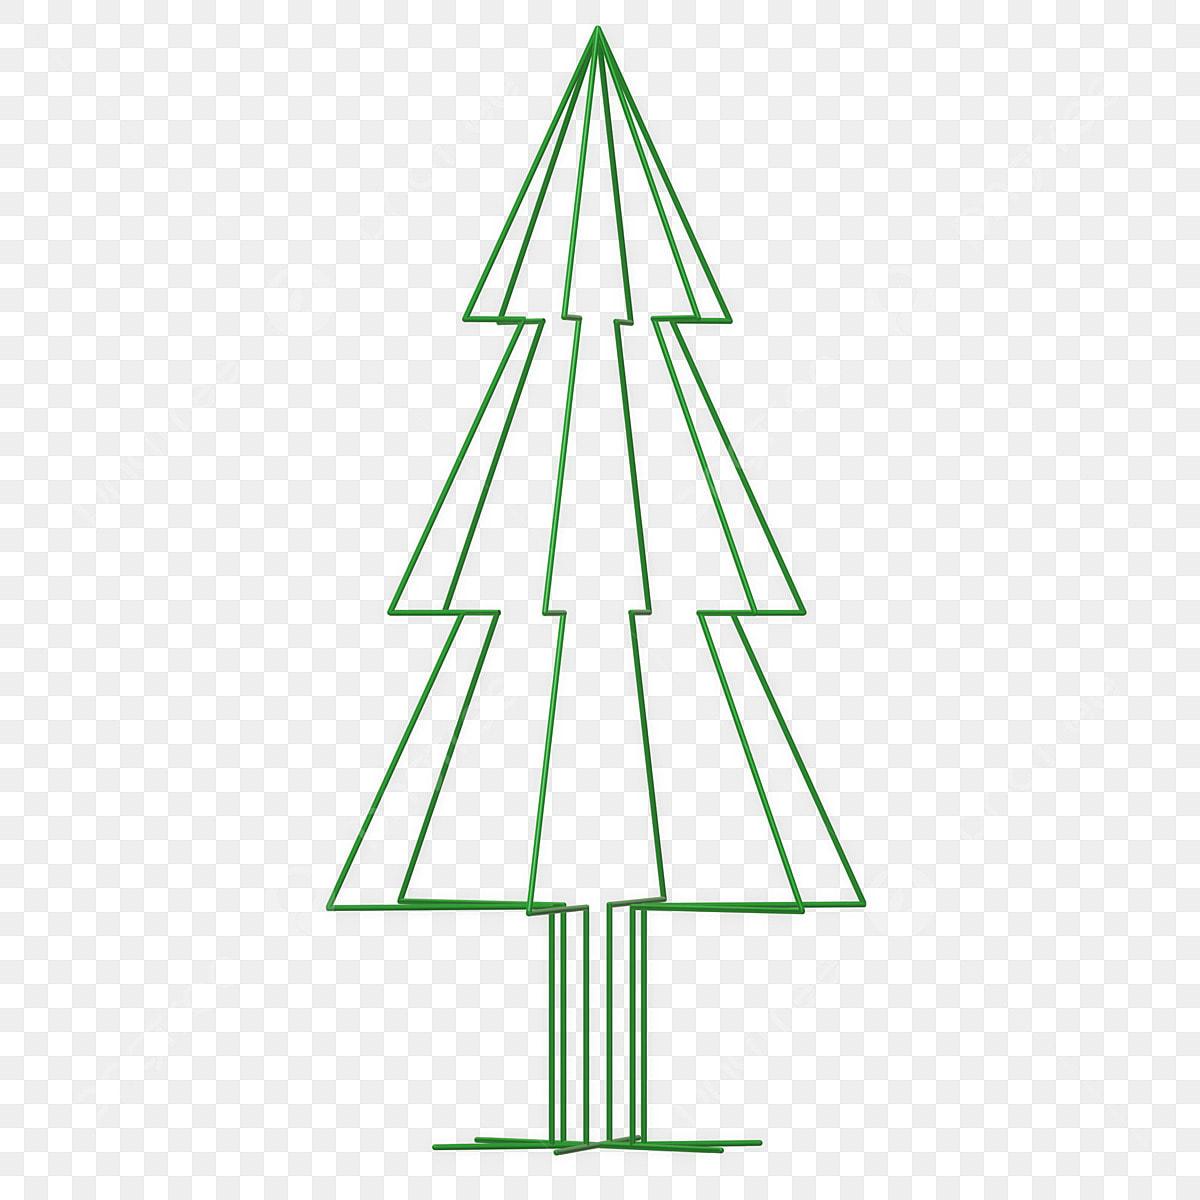 Marcos Para Fotos De Arbol De Navidad.Arbol De Navidad Verde Marco De Alambre Arbol De Navidad